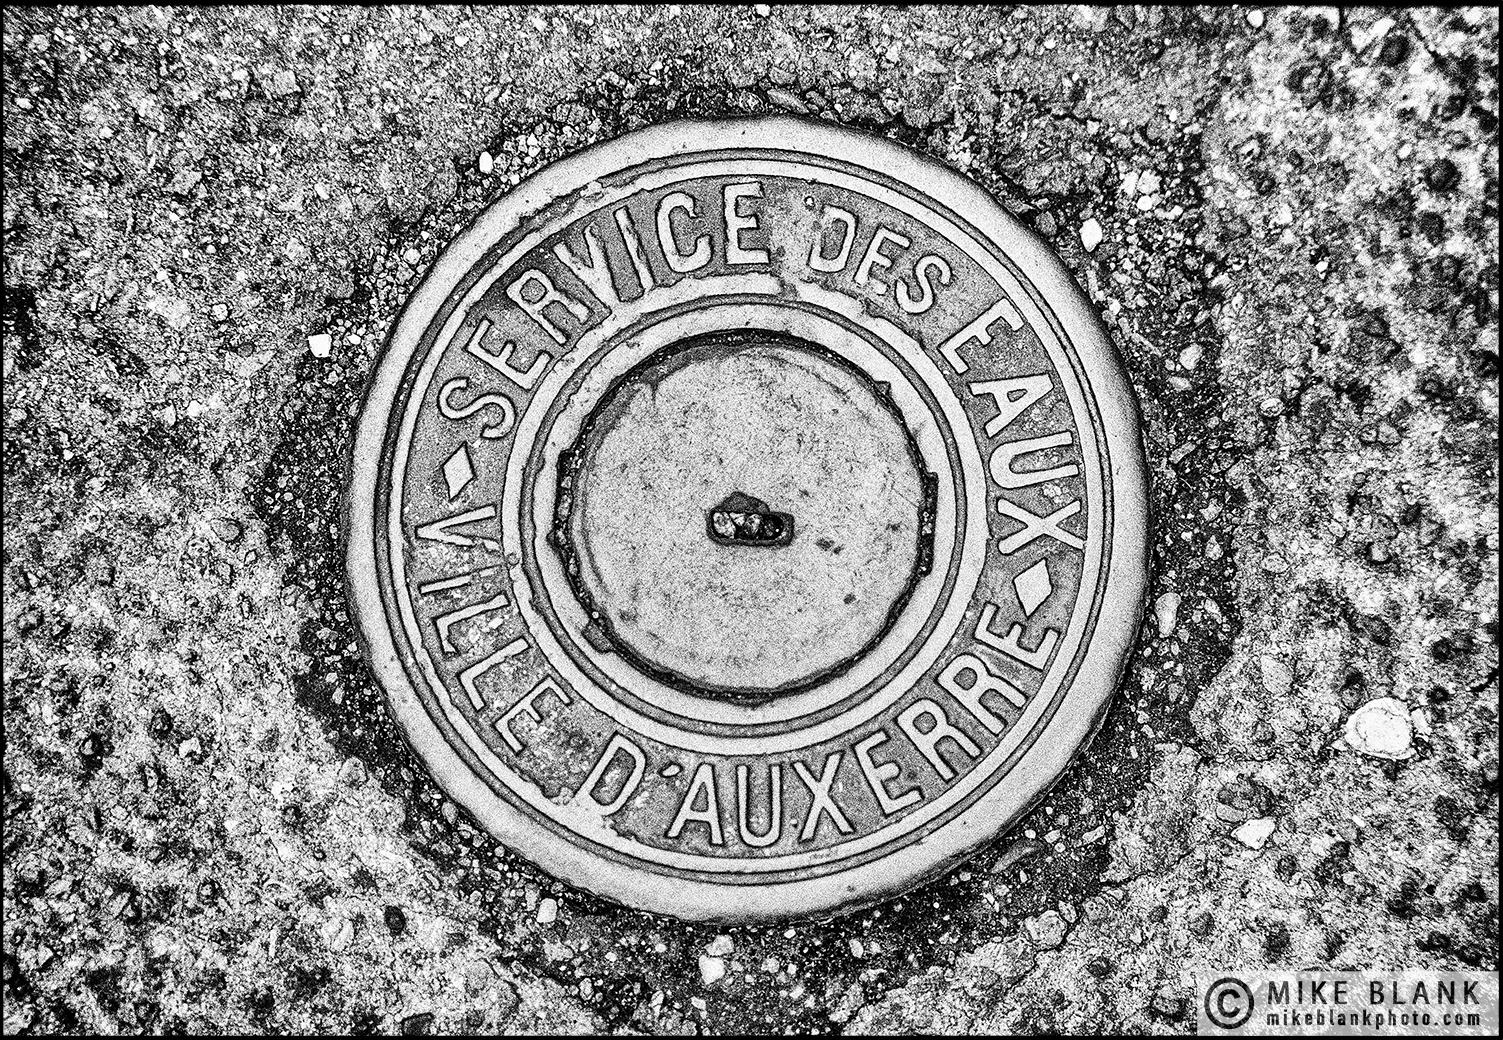 Eaux No. 6, Auxerre, France 1988